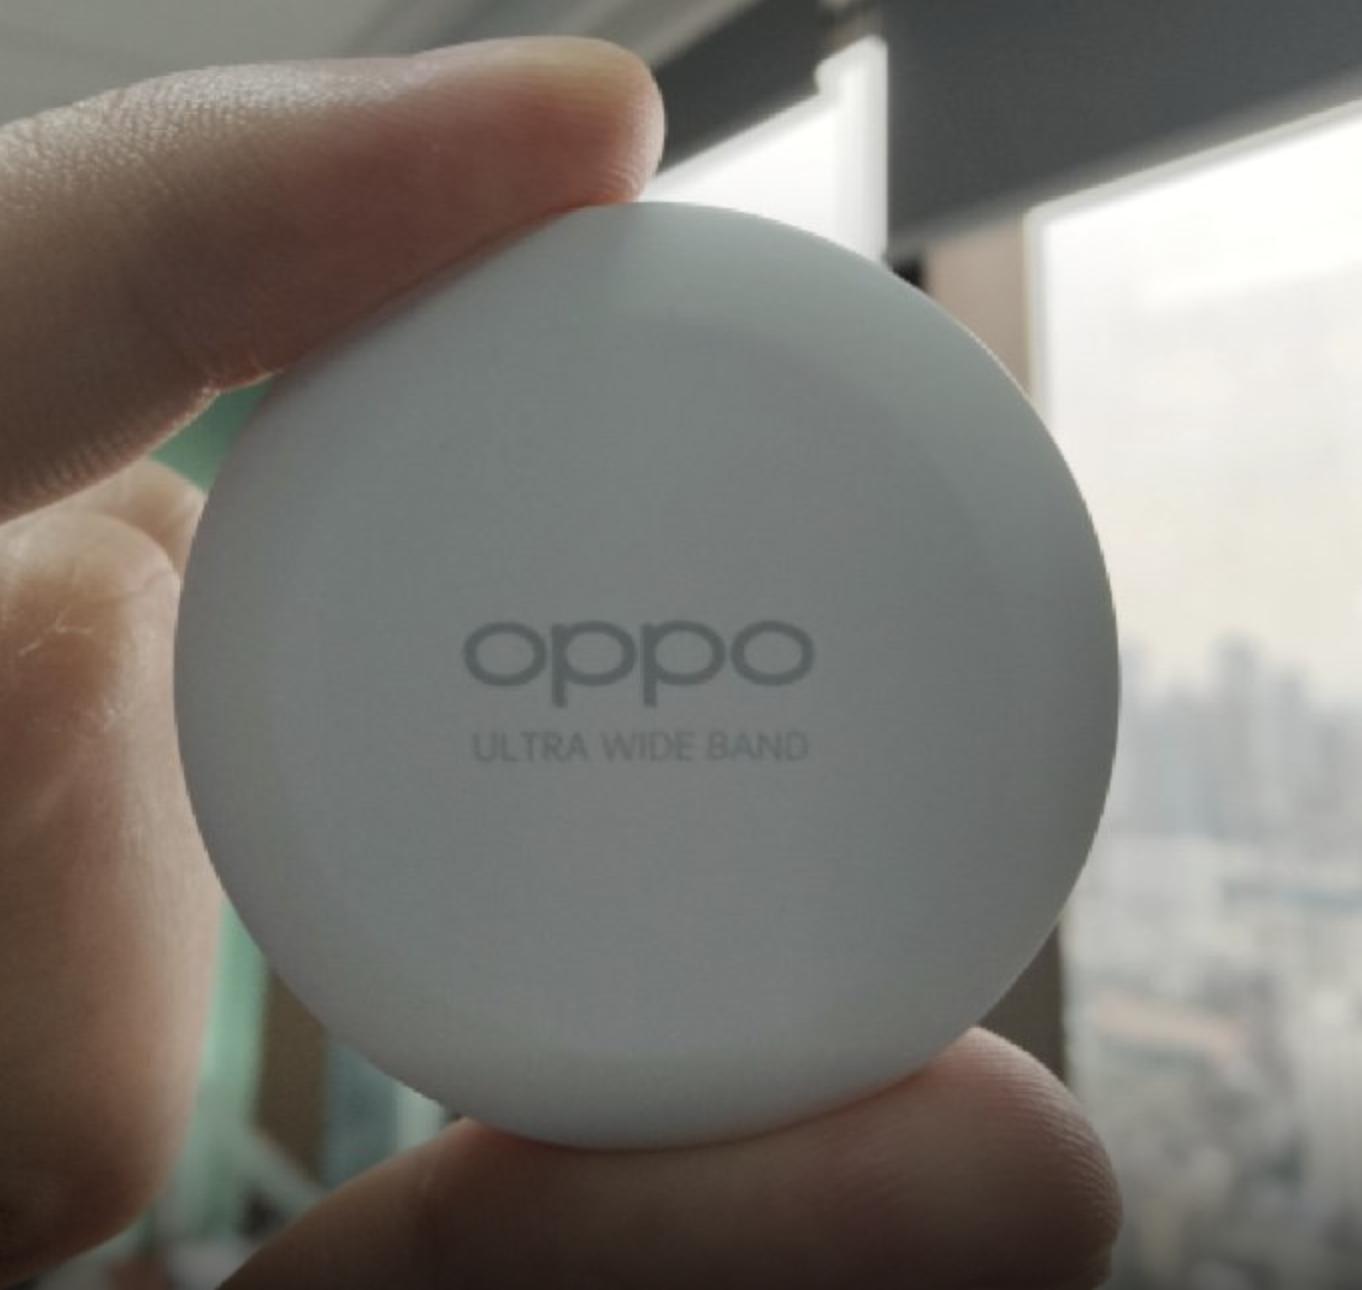 Obrazek przedstawia zdjęcie potencjalnego lokalizatora OPPO Smart Tag z przodu.